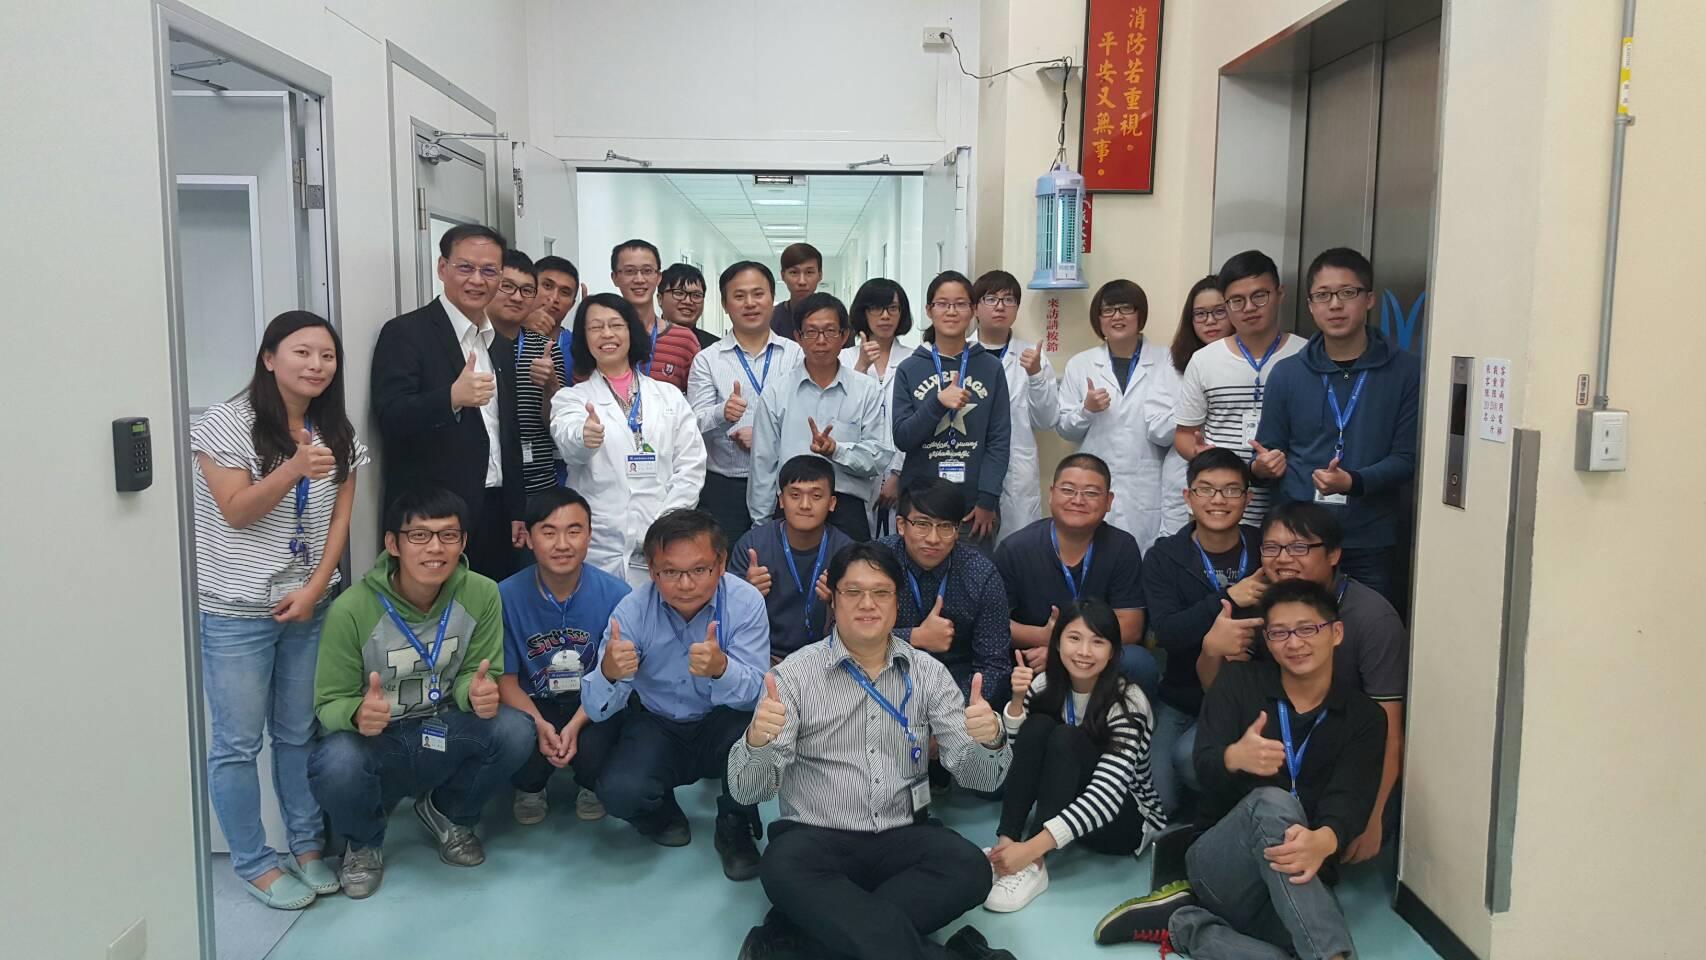 以變迎變、穩健開創的經營策略下獲獎無數 「Asian leader, global niche」 懷特已成為亞洲植物藥開發的領頭羊